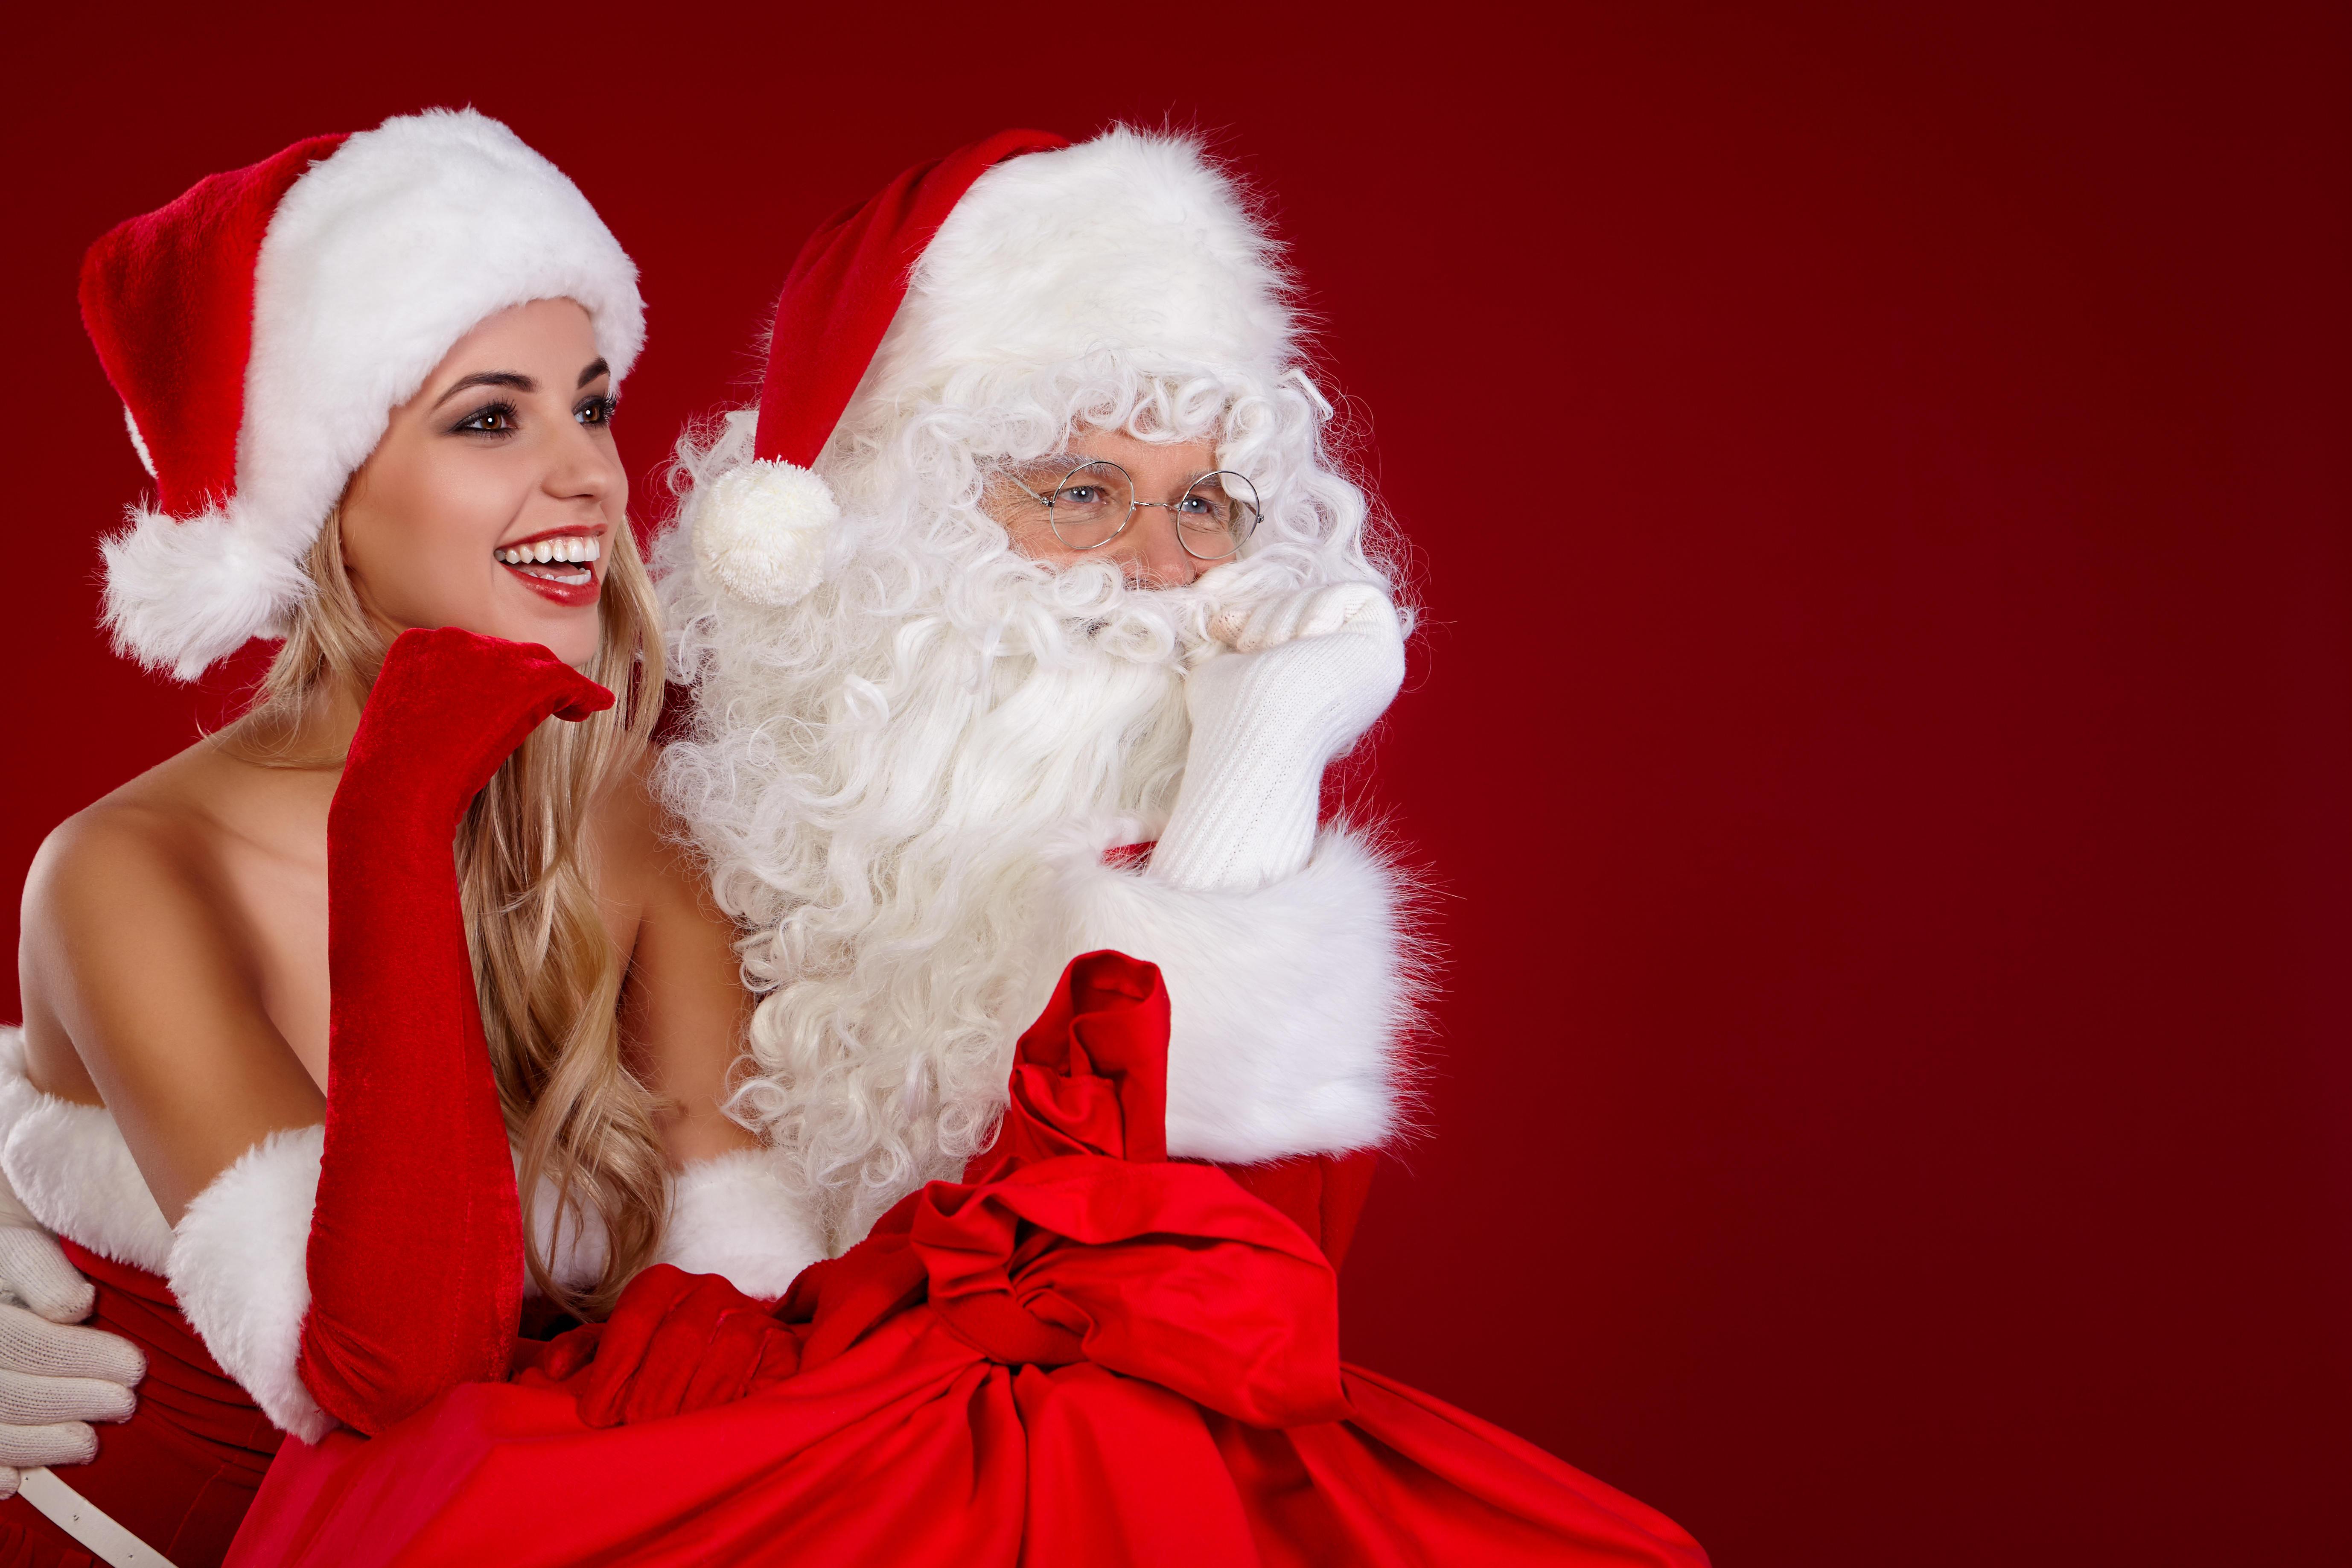 обои новогодние обои, снегурочка, дед мороз, с новым годом картинки фото